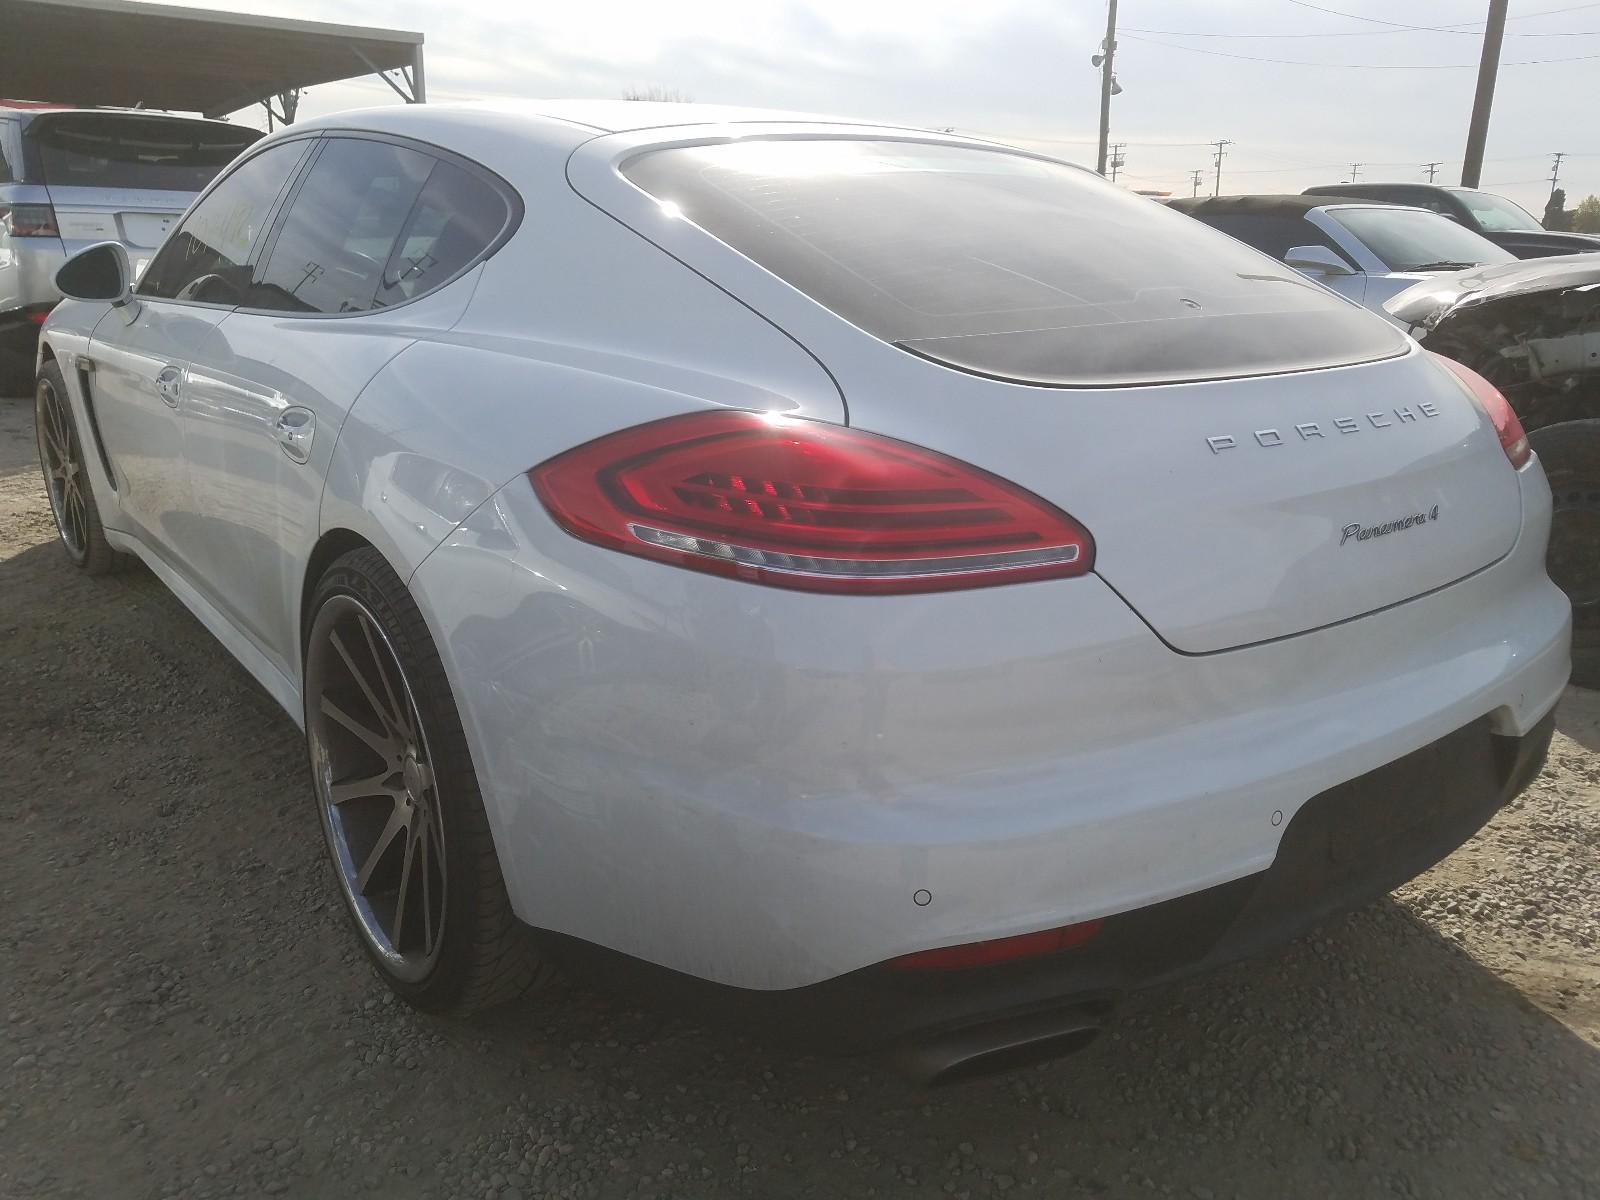 WP0AA2A79EL007804 - 2014 Porsche Panamera 2 3.6L [Angle] View